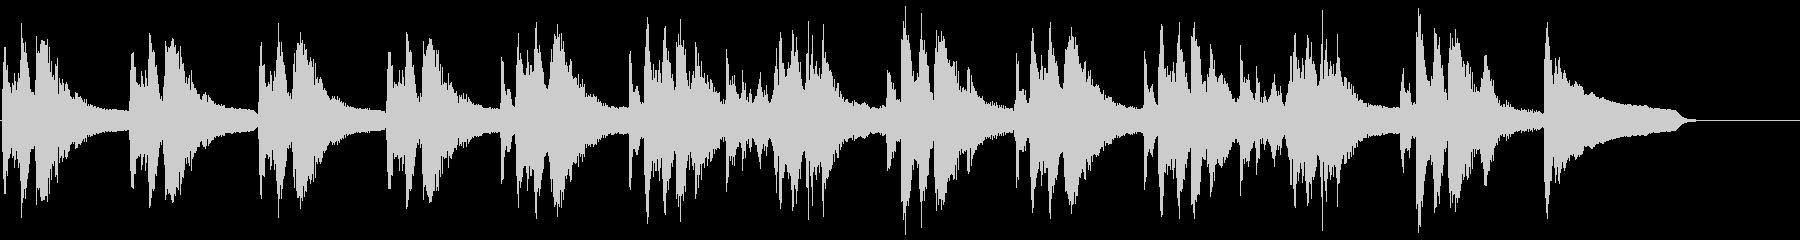 動画広告 30秒 ピッチカート 知的の未再生の波形